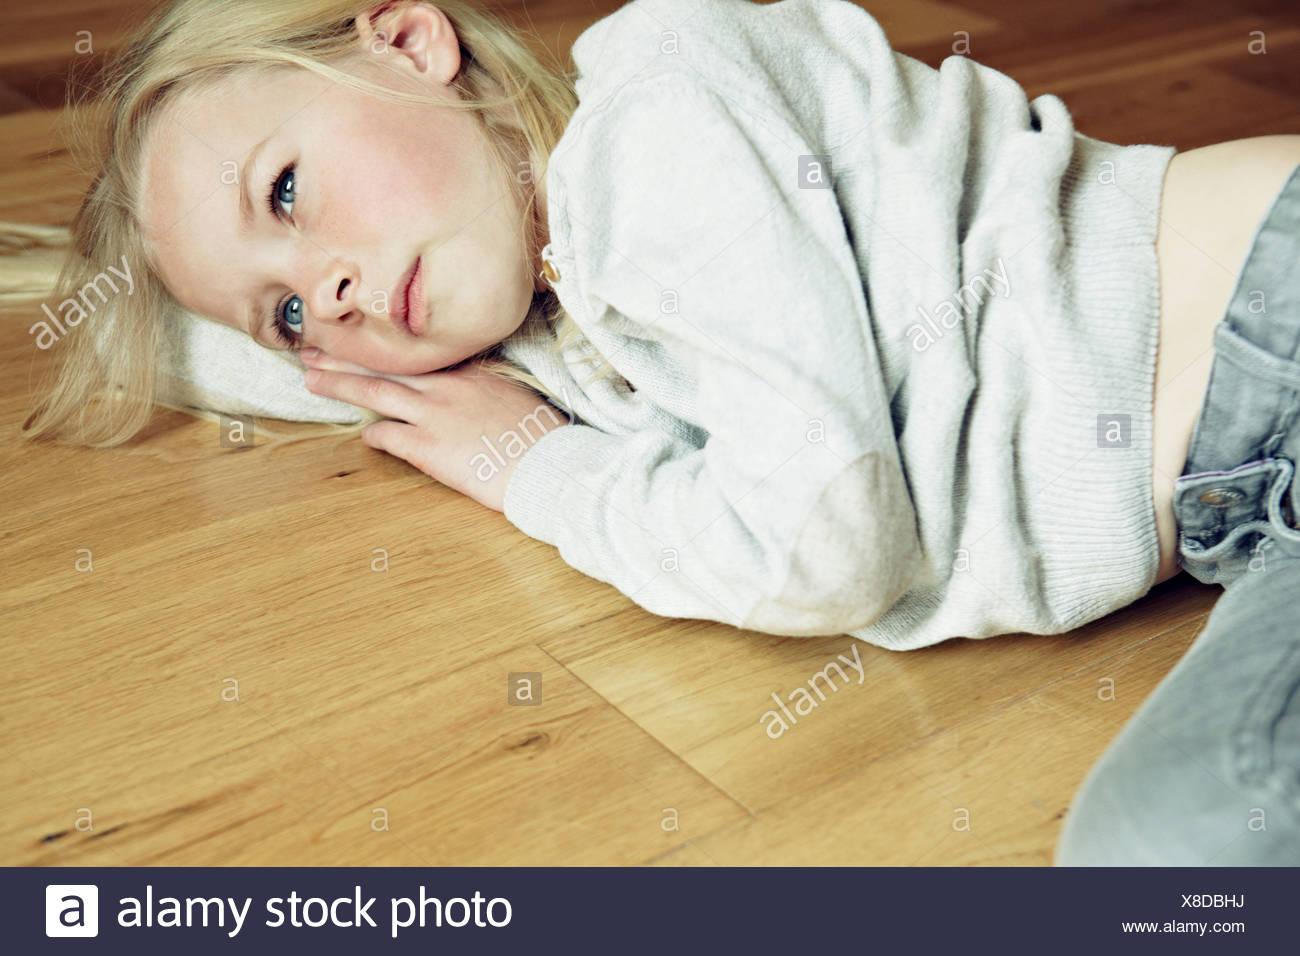 Young girl lying on wooden floor, looking away - Stock Image